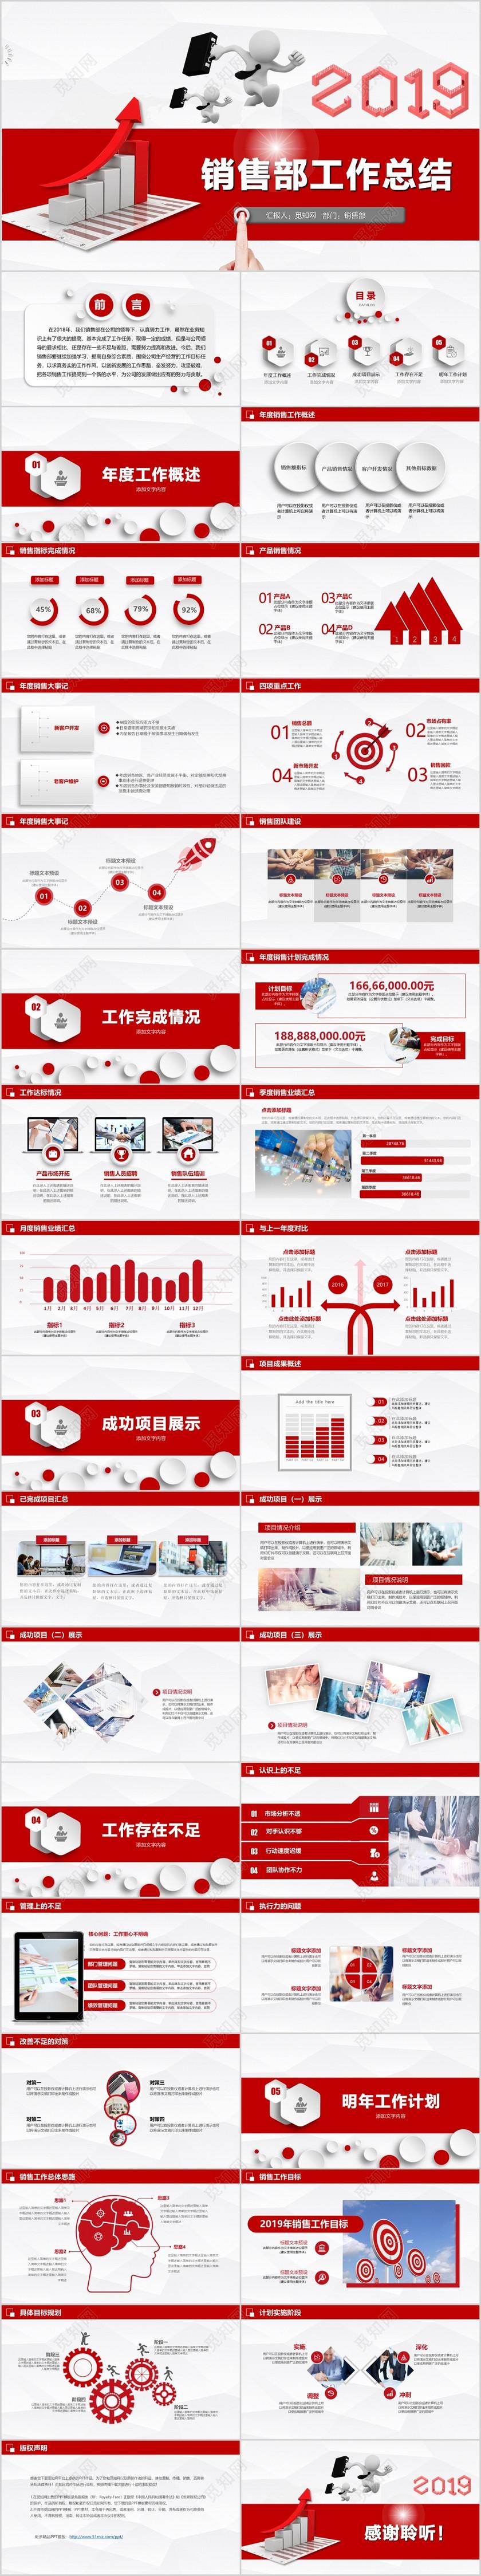 销售工作总结工作汇报年终总结述职报告新年工作计划PPT模板